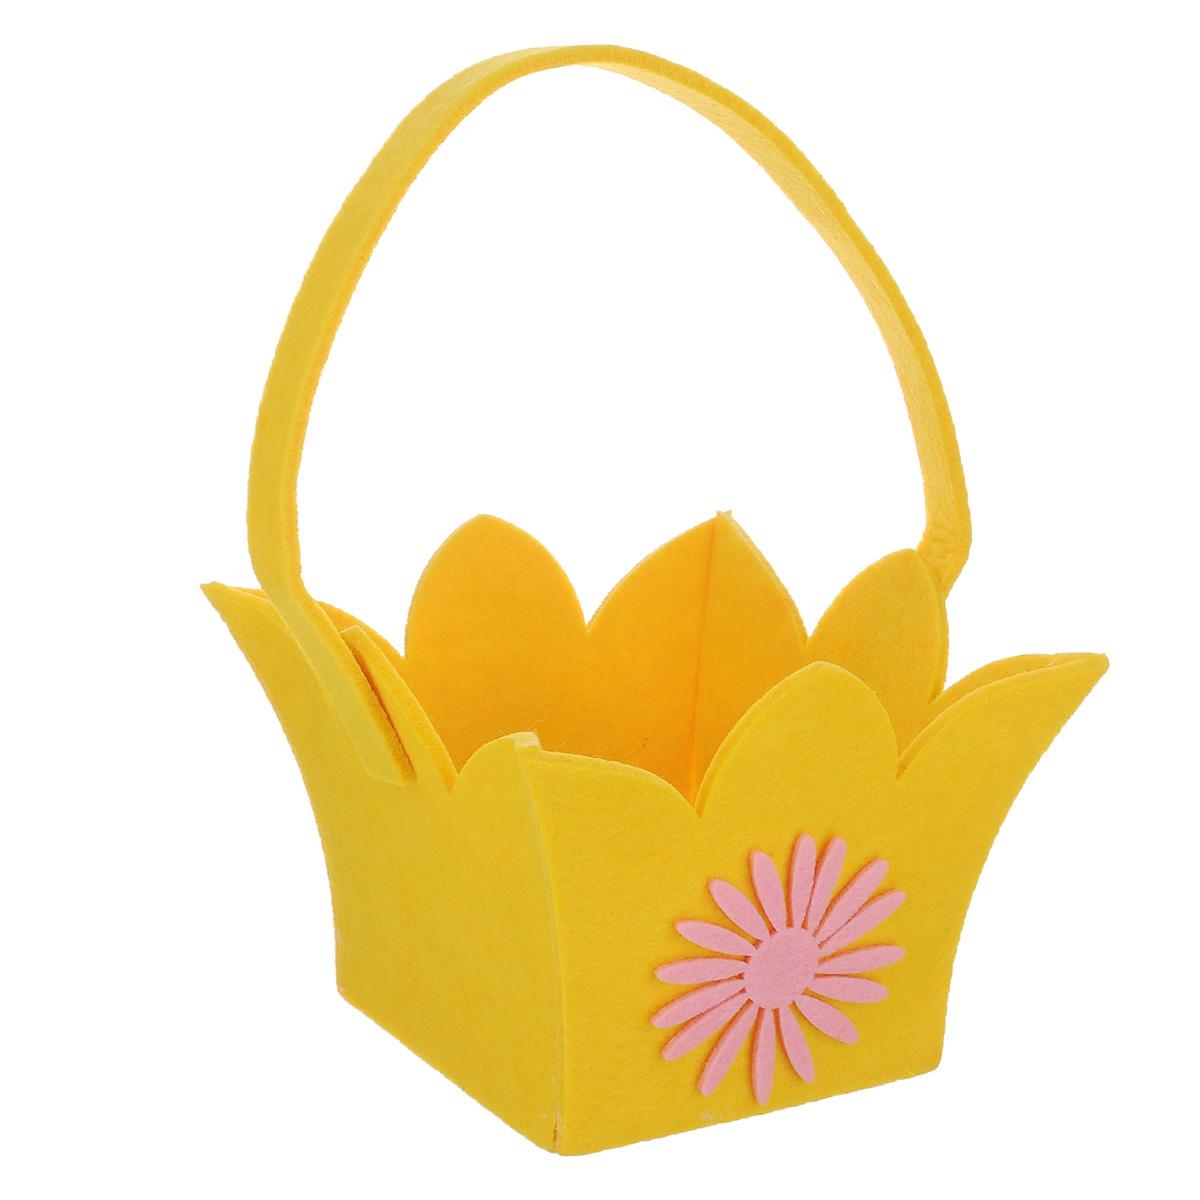 Корзинка Home Queen Лилия, цвет: желтый, 14 х 14 х 12 см66832_1Корзинка Home Queen Лилия предназначена для украшения интерьера и сервировки стола. Изделие выполнено из фетра, оформлено аппликацией в виде цветка. Корзинка оснащена ручкой. Такая оригинальная корзинка станет ярким украшением стола. Идеальный вариант для хранения пасхальных яиц или хлеба.